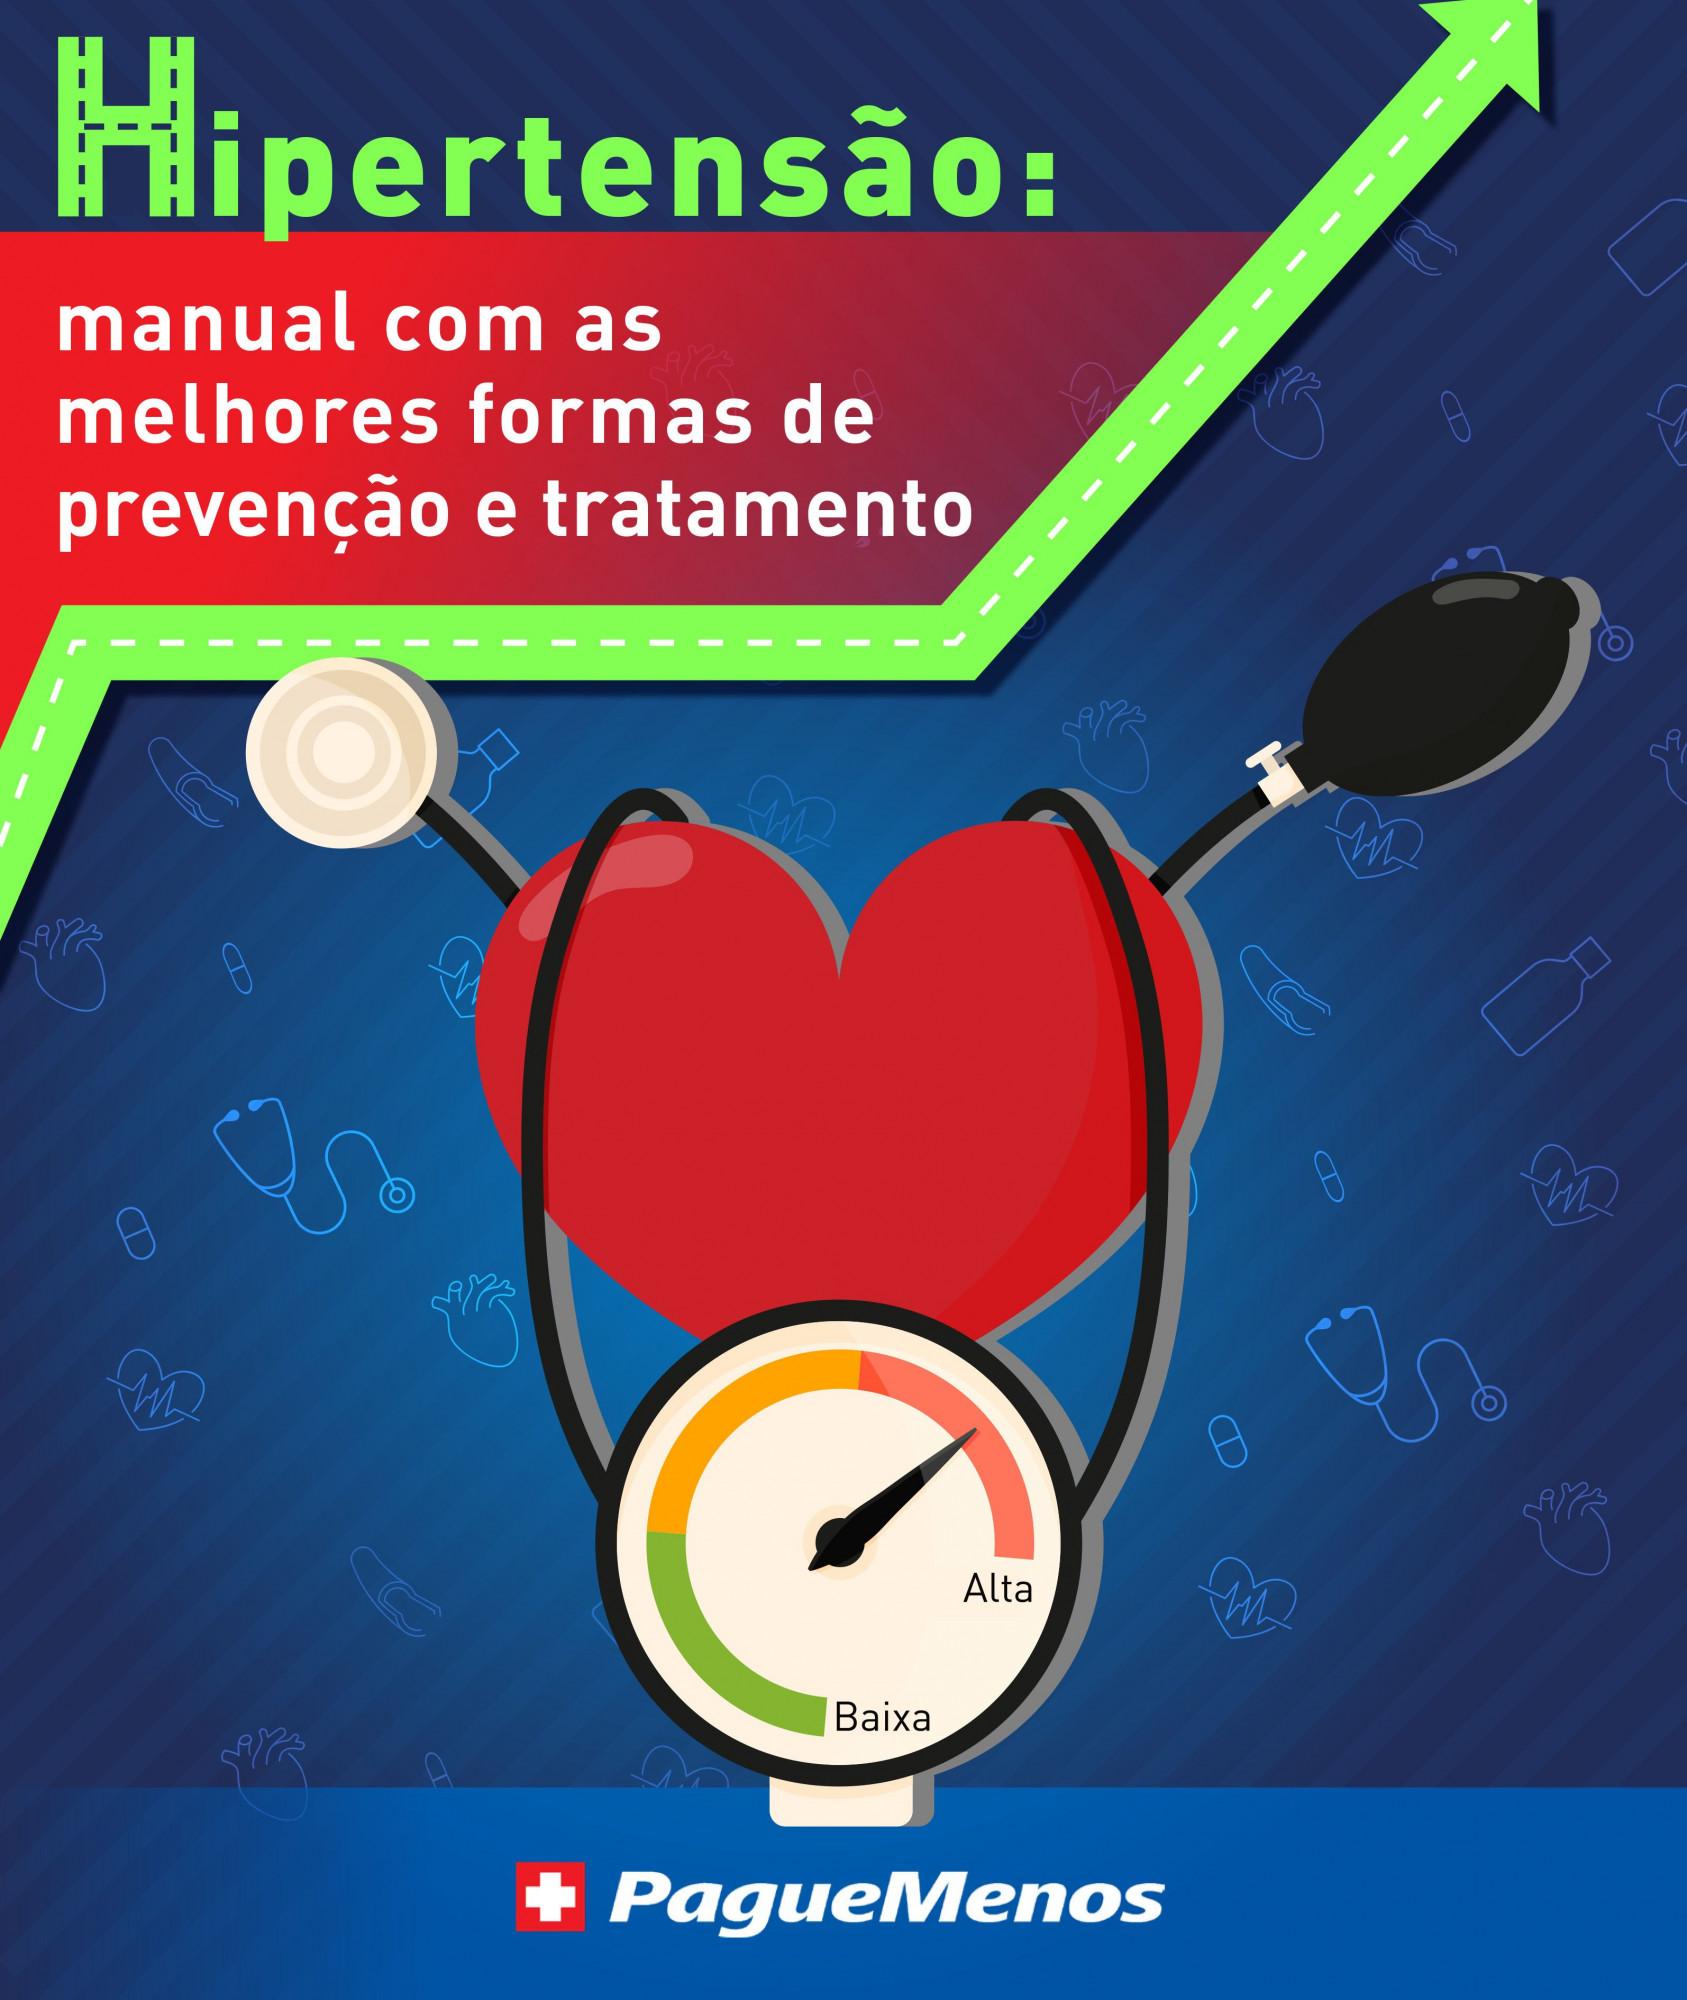 E-book: Hipertensão manual com as melhores formas de prevensão e tratamento